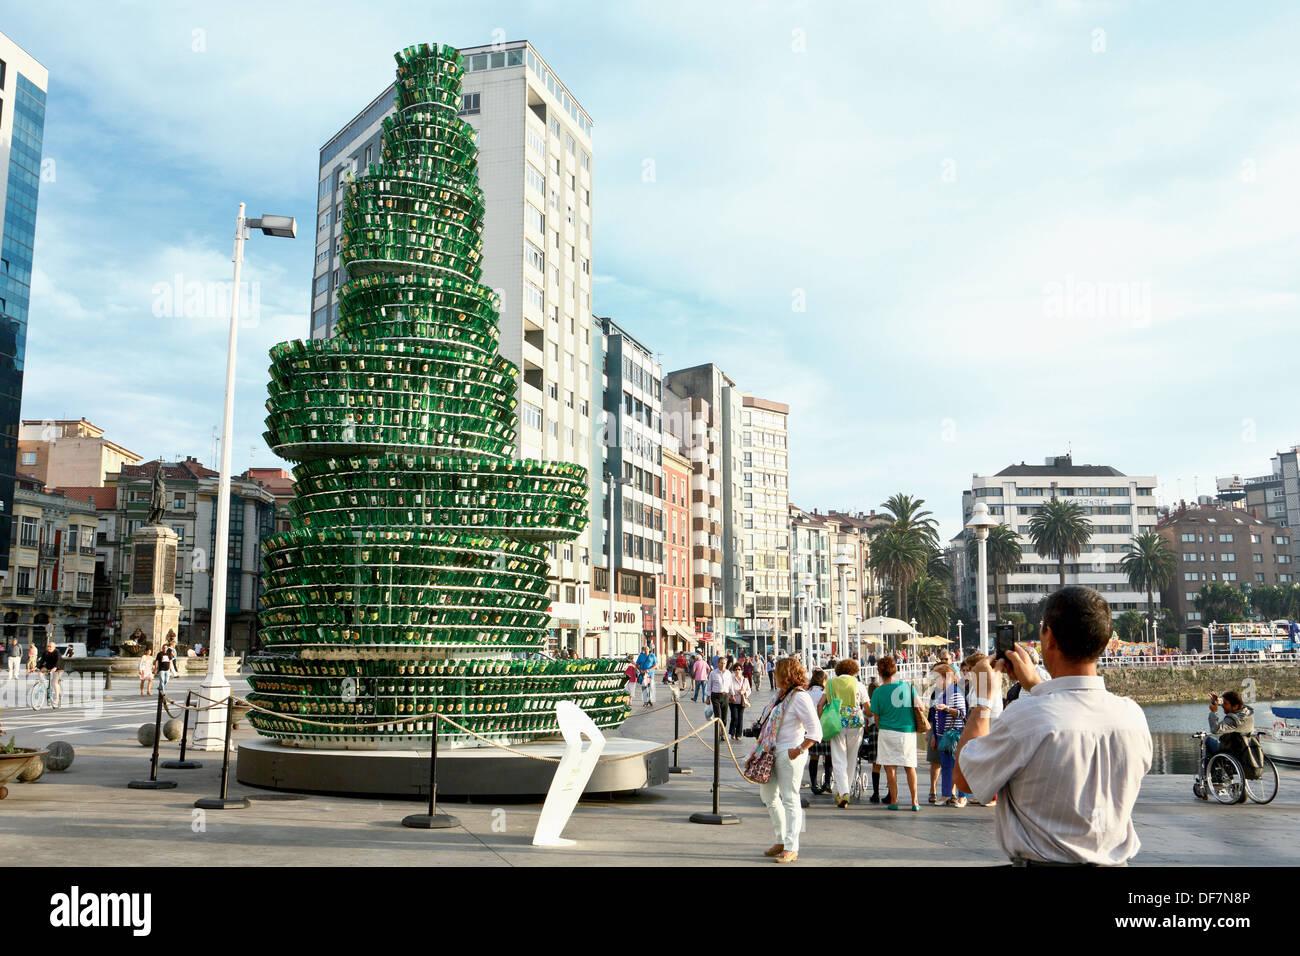 The Tree of cider, Gijon, Asturias, Spain - Stock Image